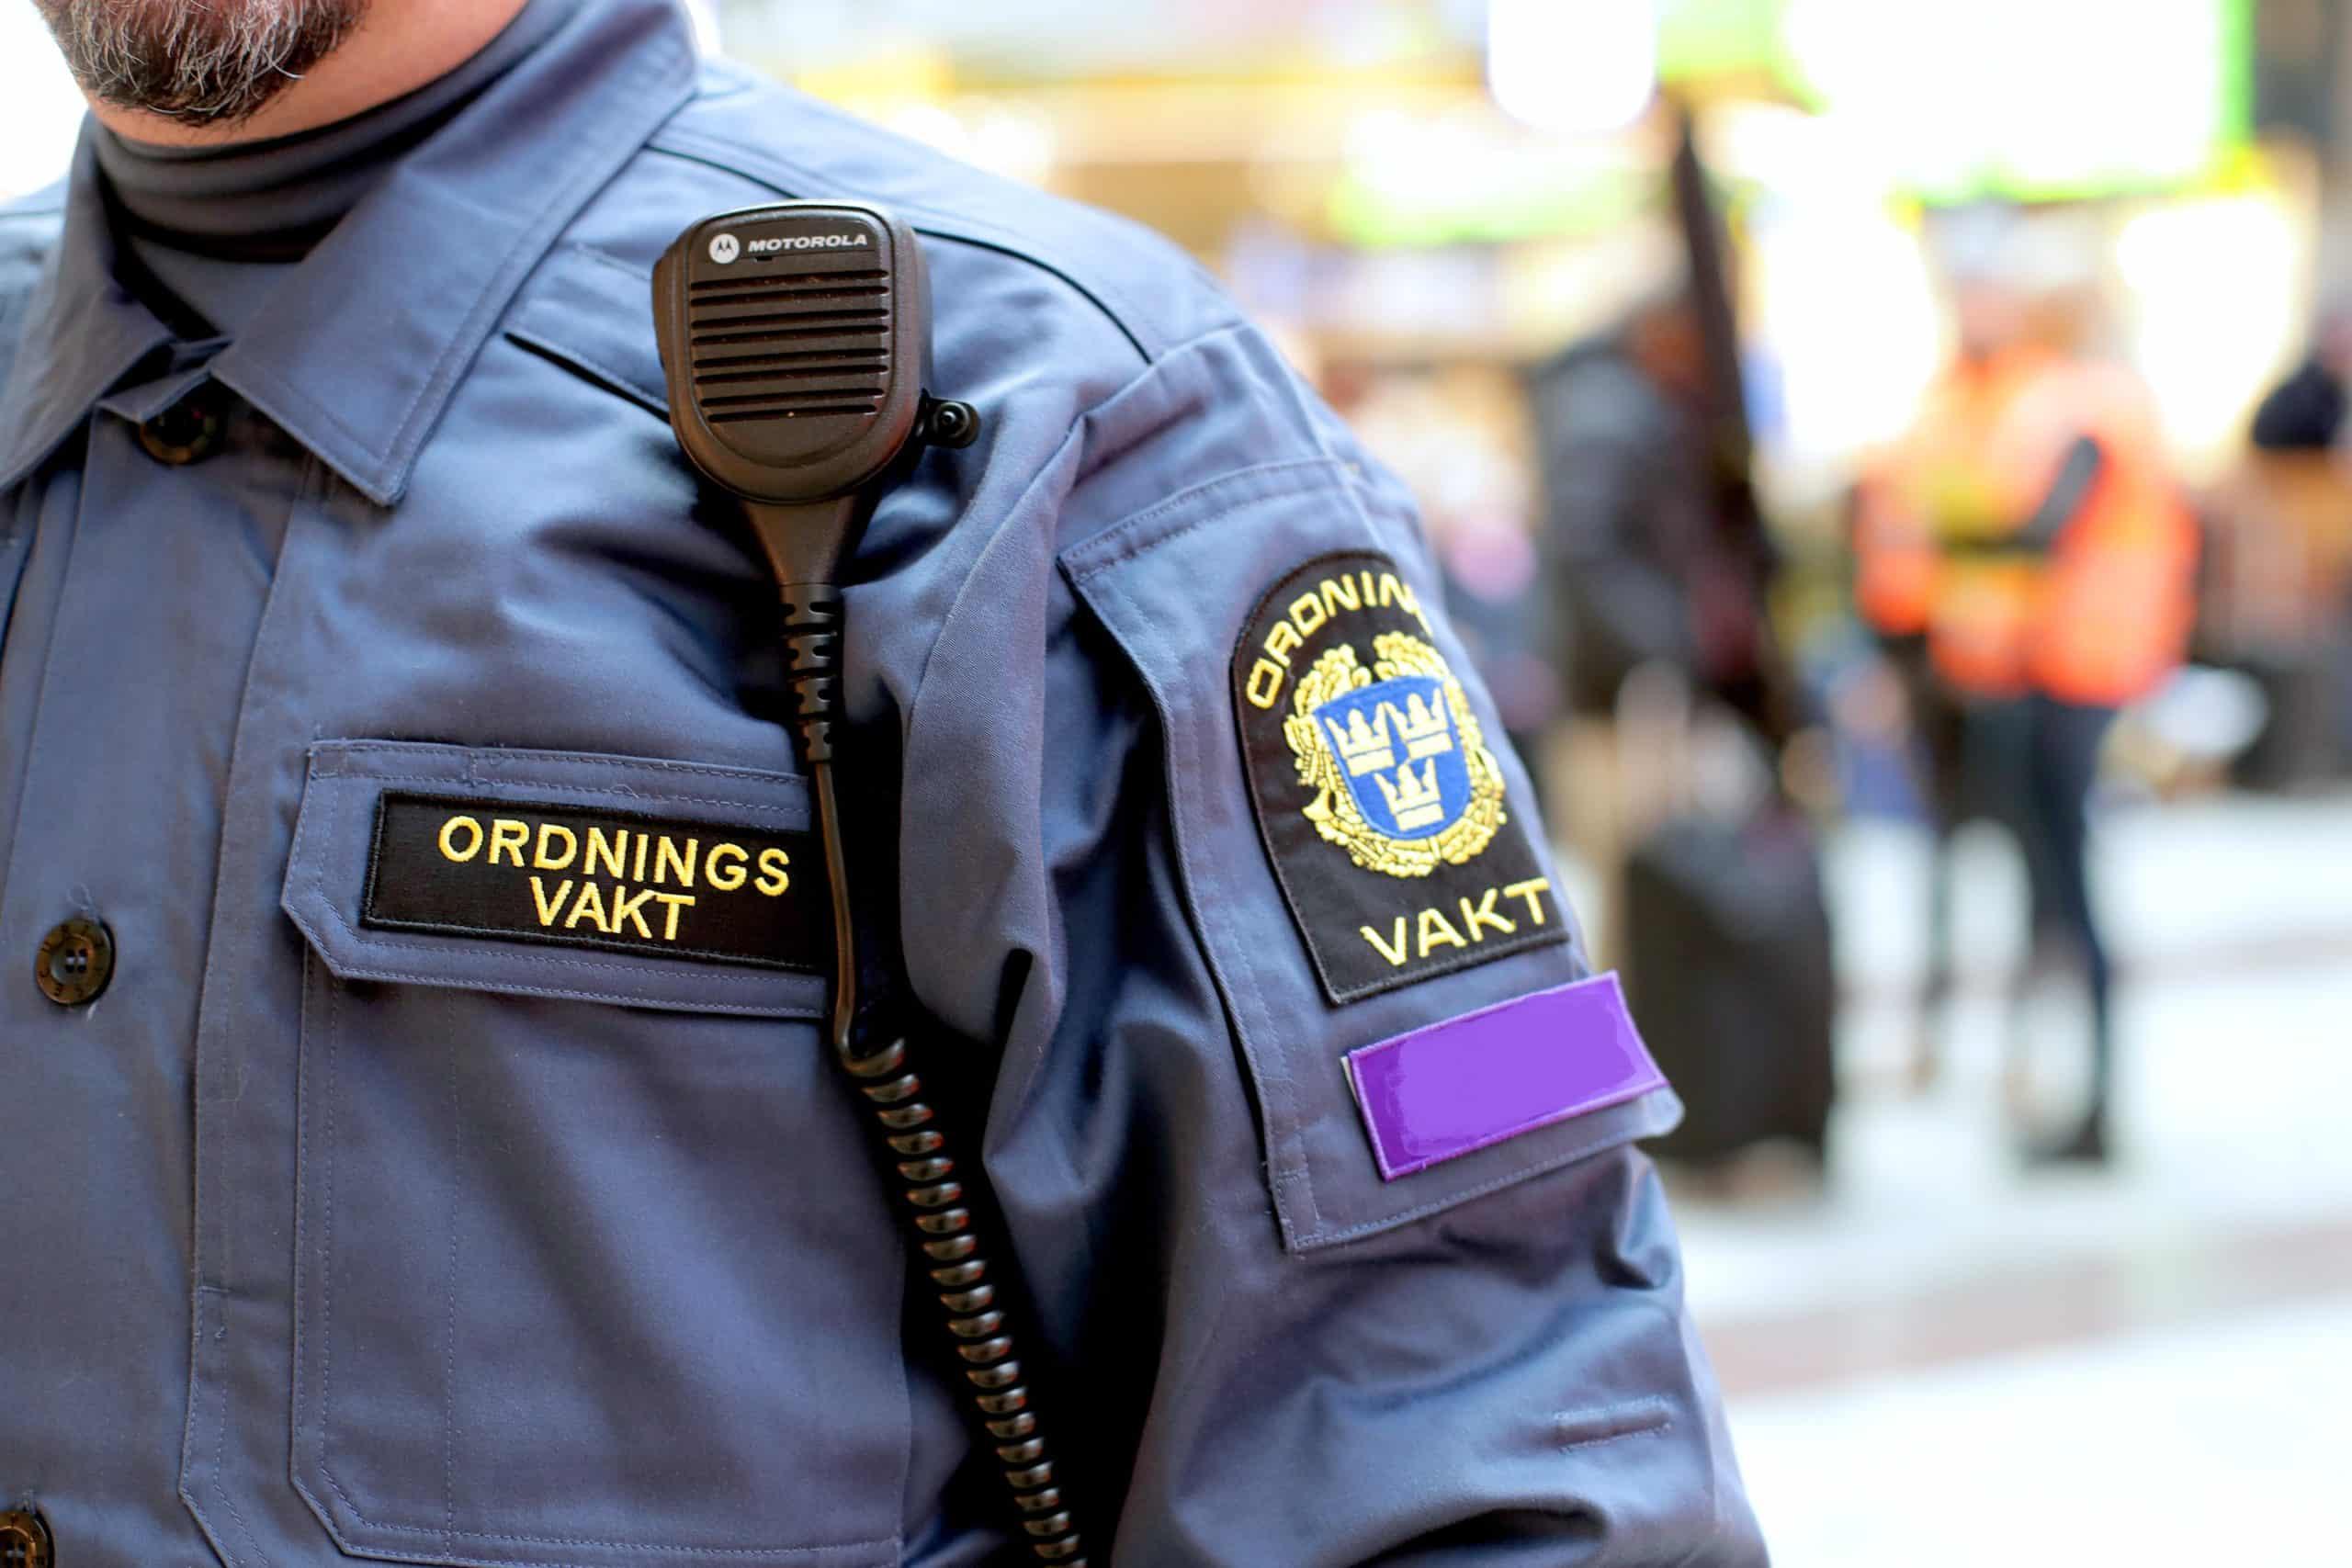 POLISMYNDIGHETEN STÄLLER IN ALL FORTBILDNING FÖR ORDNINGSVAKTER